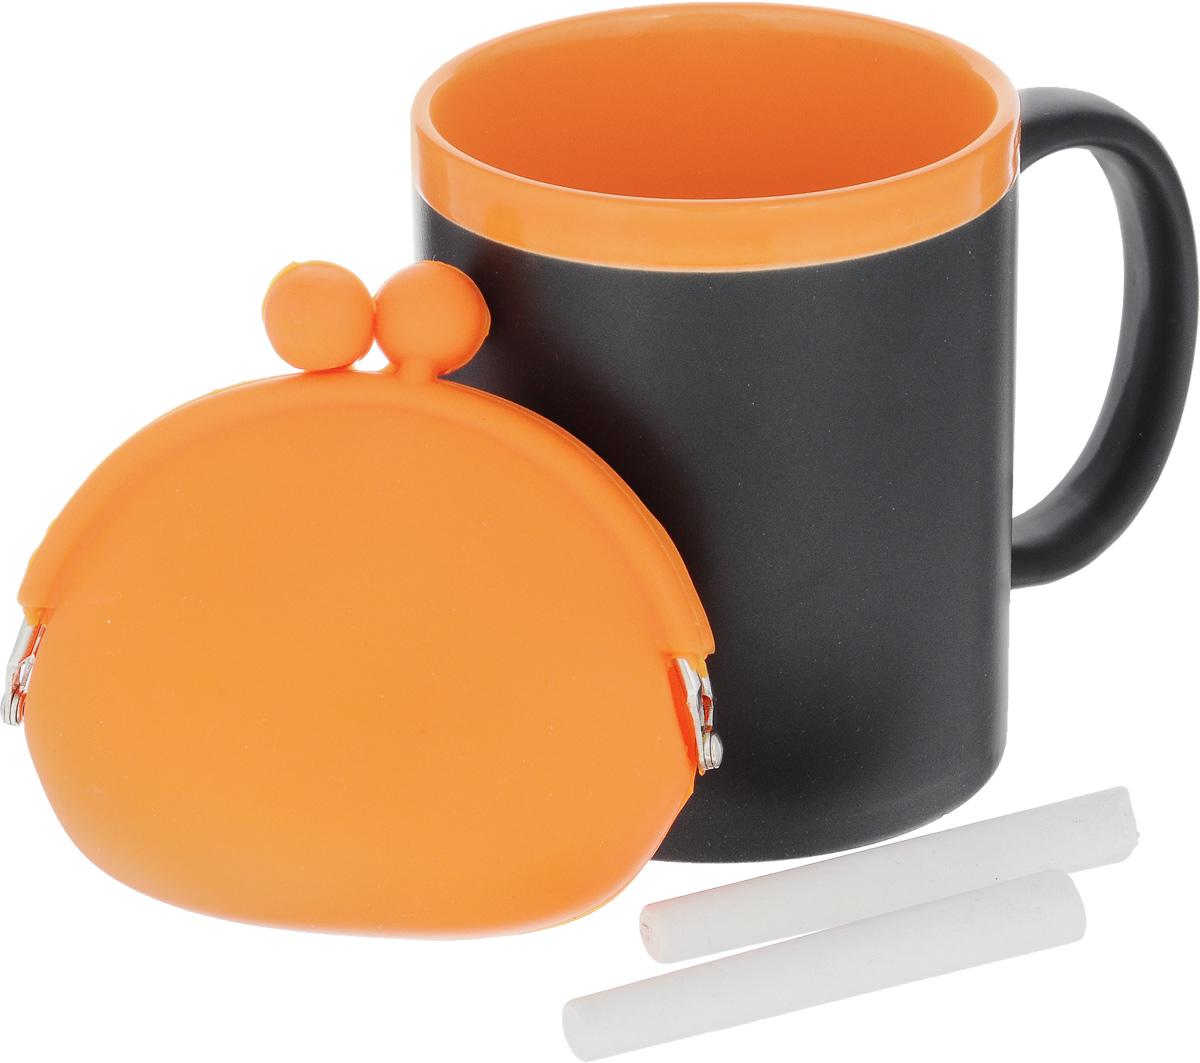 Набор подарочный Феникс-Презент Magic Home: кружка, мелки, кошелек, цвет: черный, оранжевый300194_фиолетовый/веткаПодарочный набор Феникс-Презент Magic Home включает в себя кружку с поверхностью, на которой можно писать, силиконовый кошелек и 2 мелка. Все элементы внимательно совмещены и удачно подходят друг к другу. Все изделия выполнены из высококачественных материалов.Такой набор будет отличной находкой для себя или подарком для друга. Набор дополнит ваш образ и покажет вас в хорошем свете на презентации и в магазине.Объем кружки: 300 мл.Диаметр кружки: 8 см.Высота кружки: 9,7 см.Размер кошелька (без учета застежки): 10 х 8,5 см.Длина мелков: 7 см.